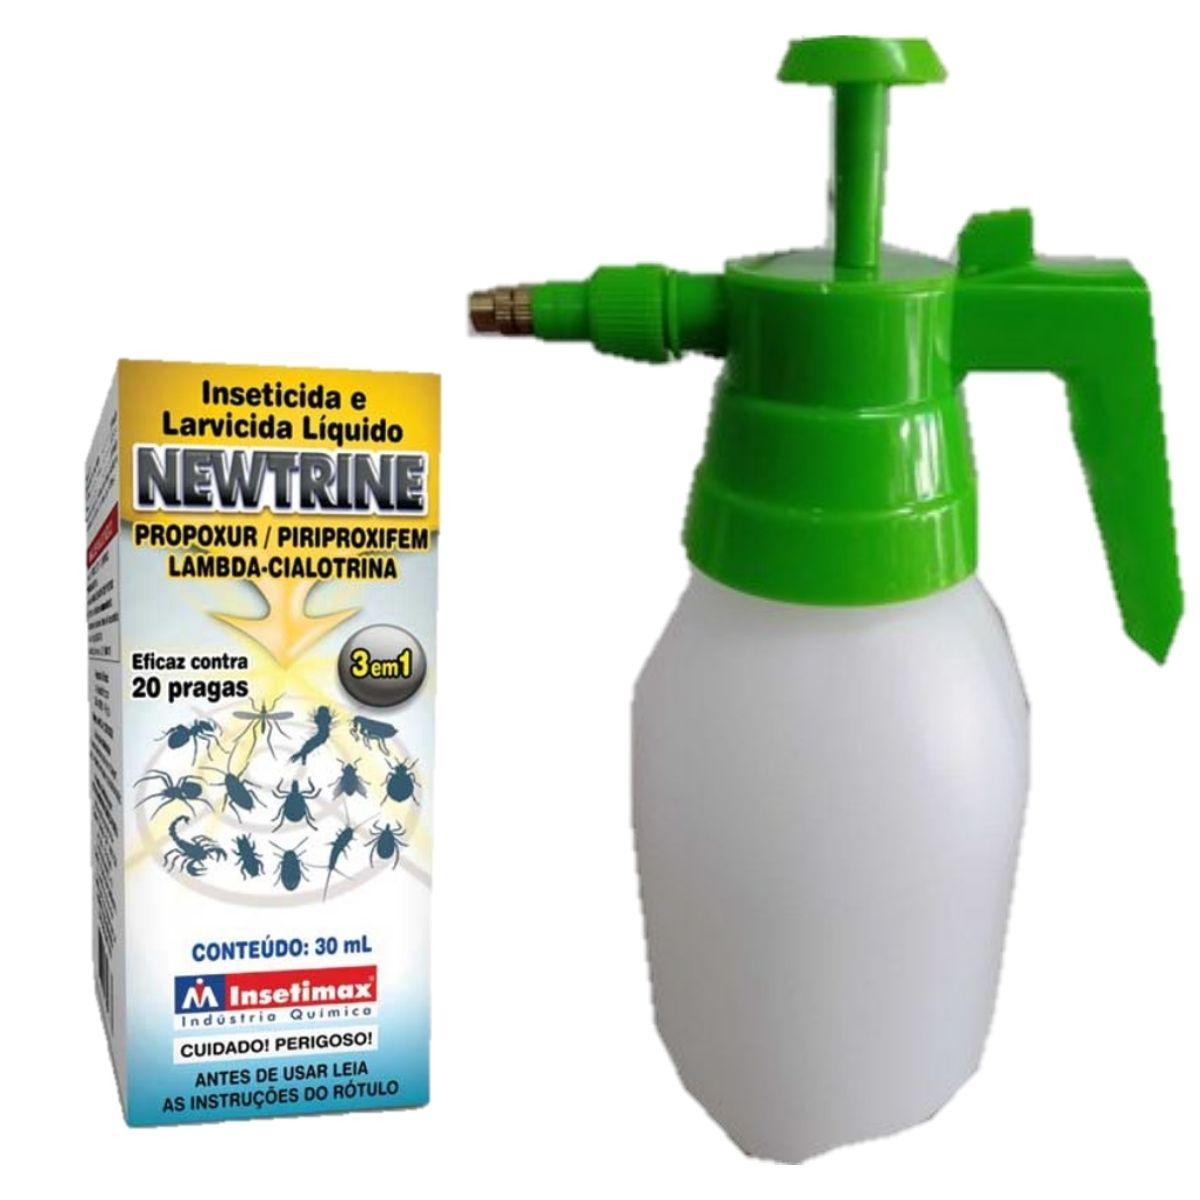 Pulverizador mais newtrine carrapaticida, mosquicida, elimina pulgas e carrapatos do ambiente